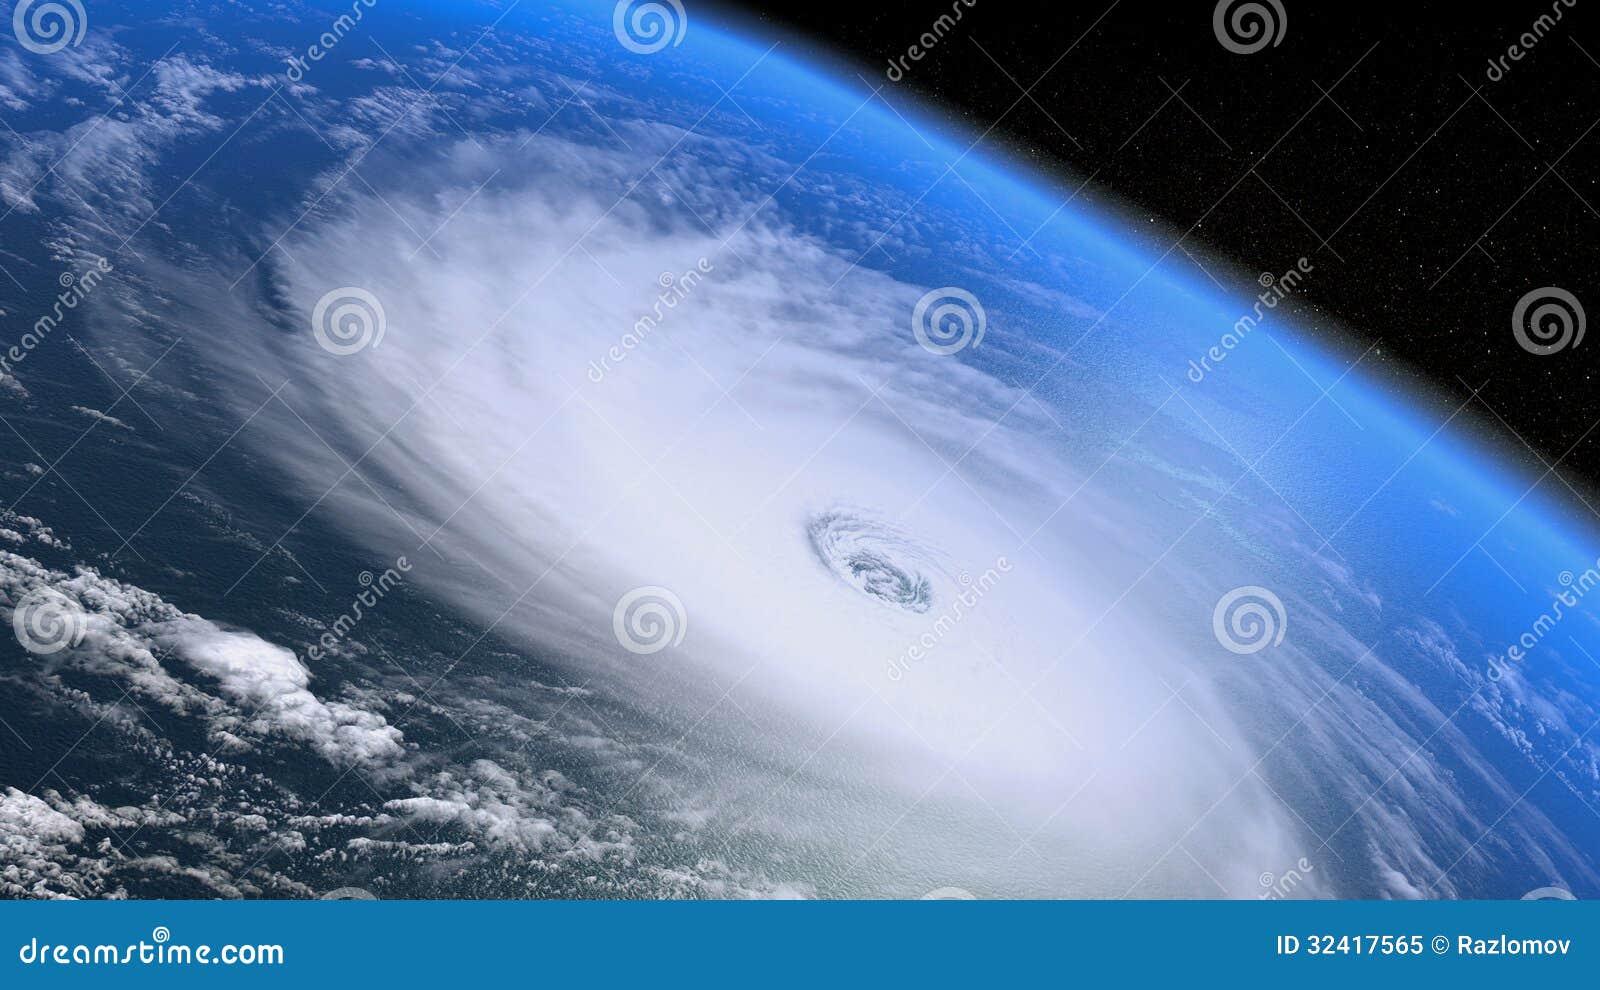 Riesiger Sturm gesehen vom Raum